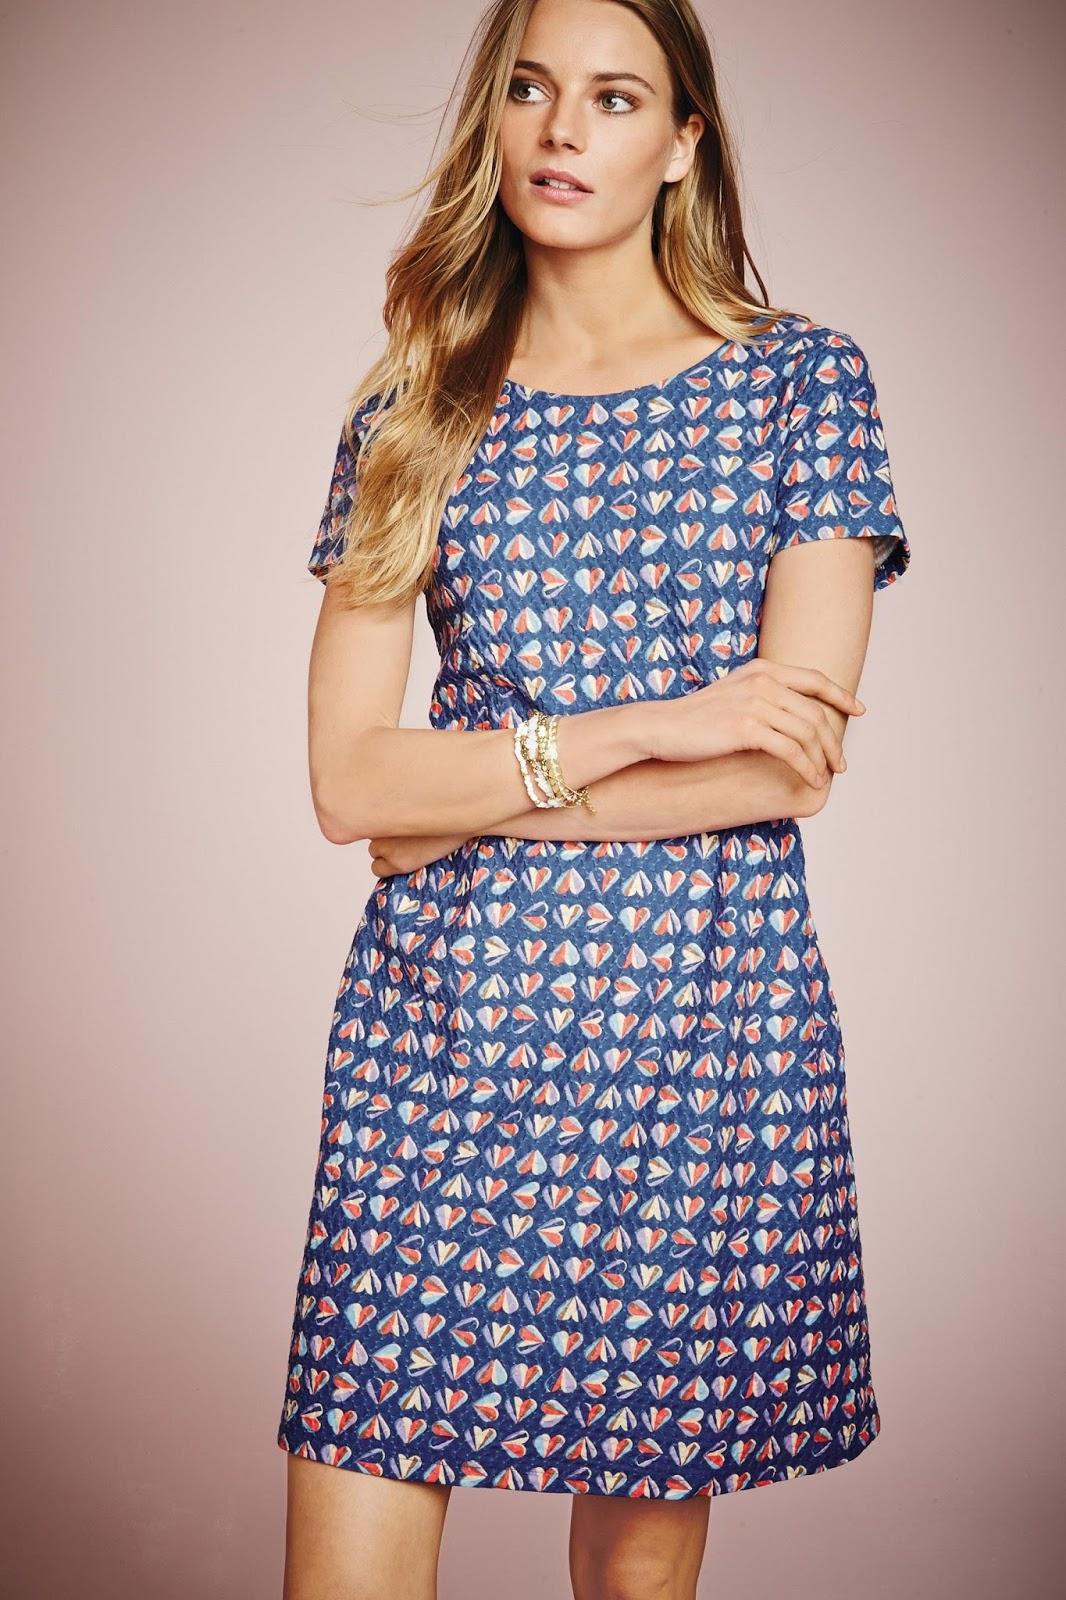 841e1a4dd8 Increibles vestidos casuales de moda